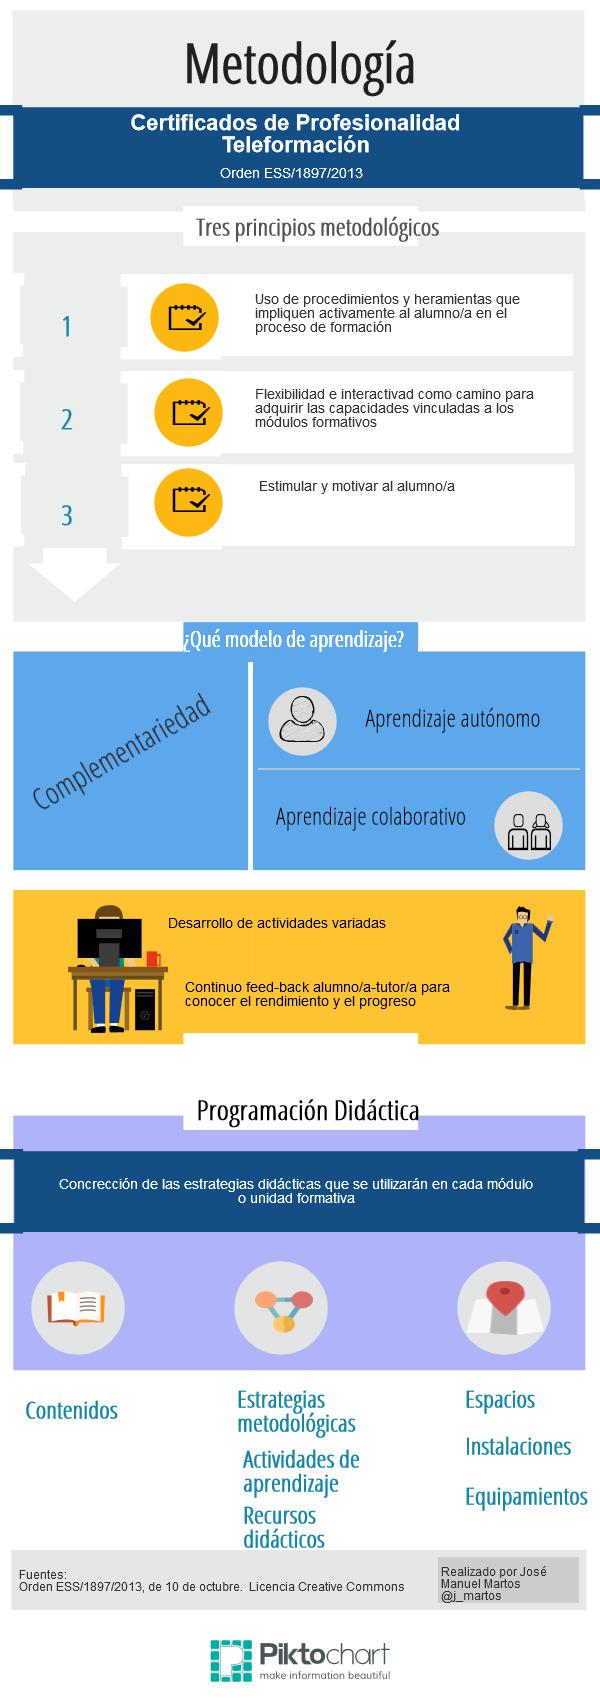 Metodologia didáctica para la impartición de Certificados de Profesionalidad en la modalidad de teleformación